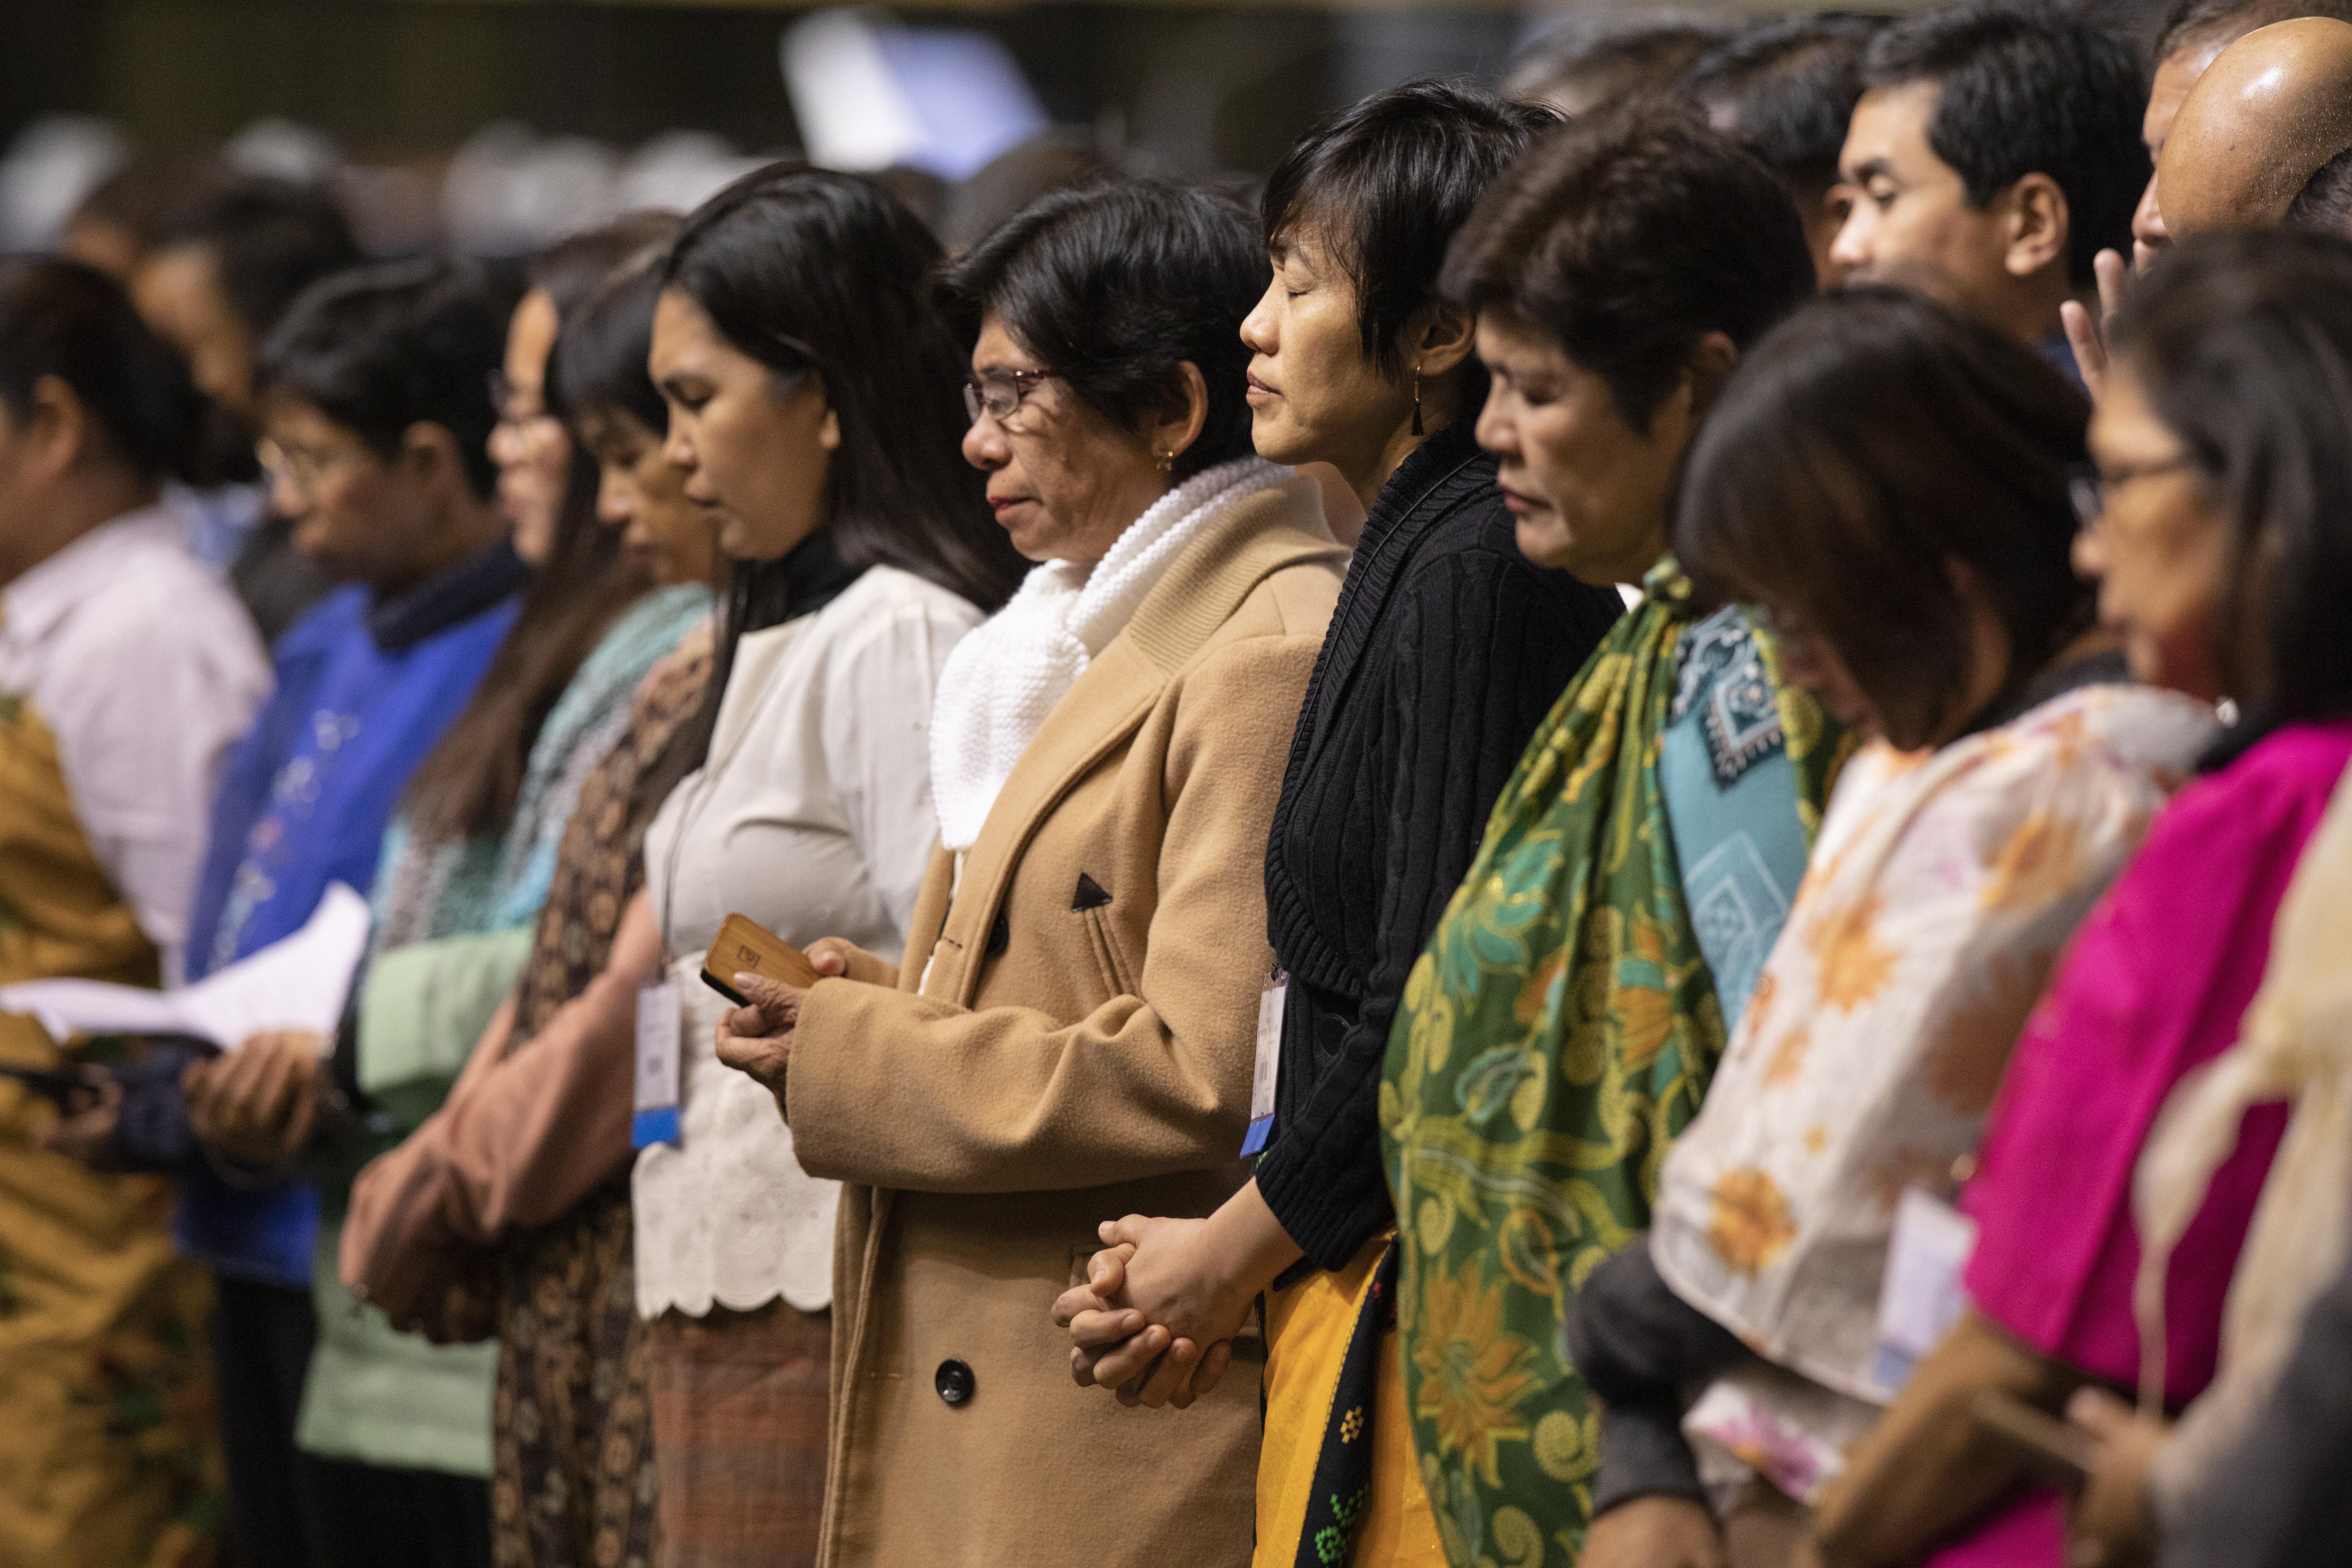 세인트루이스에서 열린 2019년 연합감리교회 특별총회 중 '기도의 날'에 필리핀 대의원들이 머리를 숙여 기도하고 있다. 필리핀 연합감리교인들은 2020년 총회에 교단 분리를 반대하고, 교단 일치를 촉구하는 입법안을 제출했다. 사진제공 캣 배리, 연합감리교뉴스.세인트루이스에서 열린 2019년 연합감리교회 특별총회 중 '기도의 날'에 필리핀 대의원들이 머리를 숙여 기도하고 있다. 필리핀 연합감리교인들은 2020년 총회에 교단 분리를 반대하고, 교단 일치를 촉구하는 입법안을 제출했다. 사진제공 캣 배리, 연합감리교뉴스.